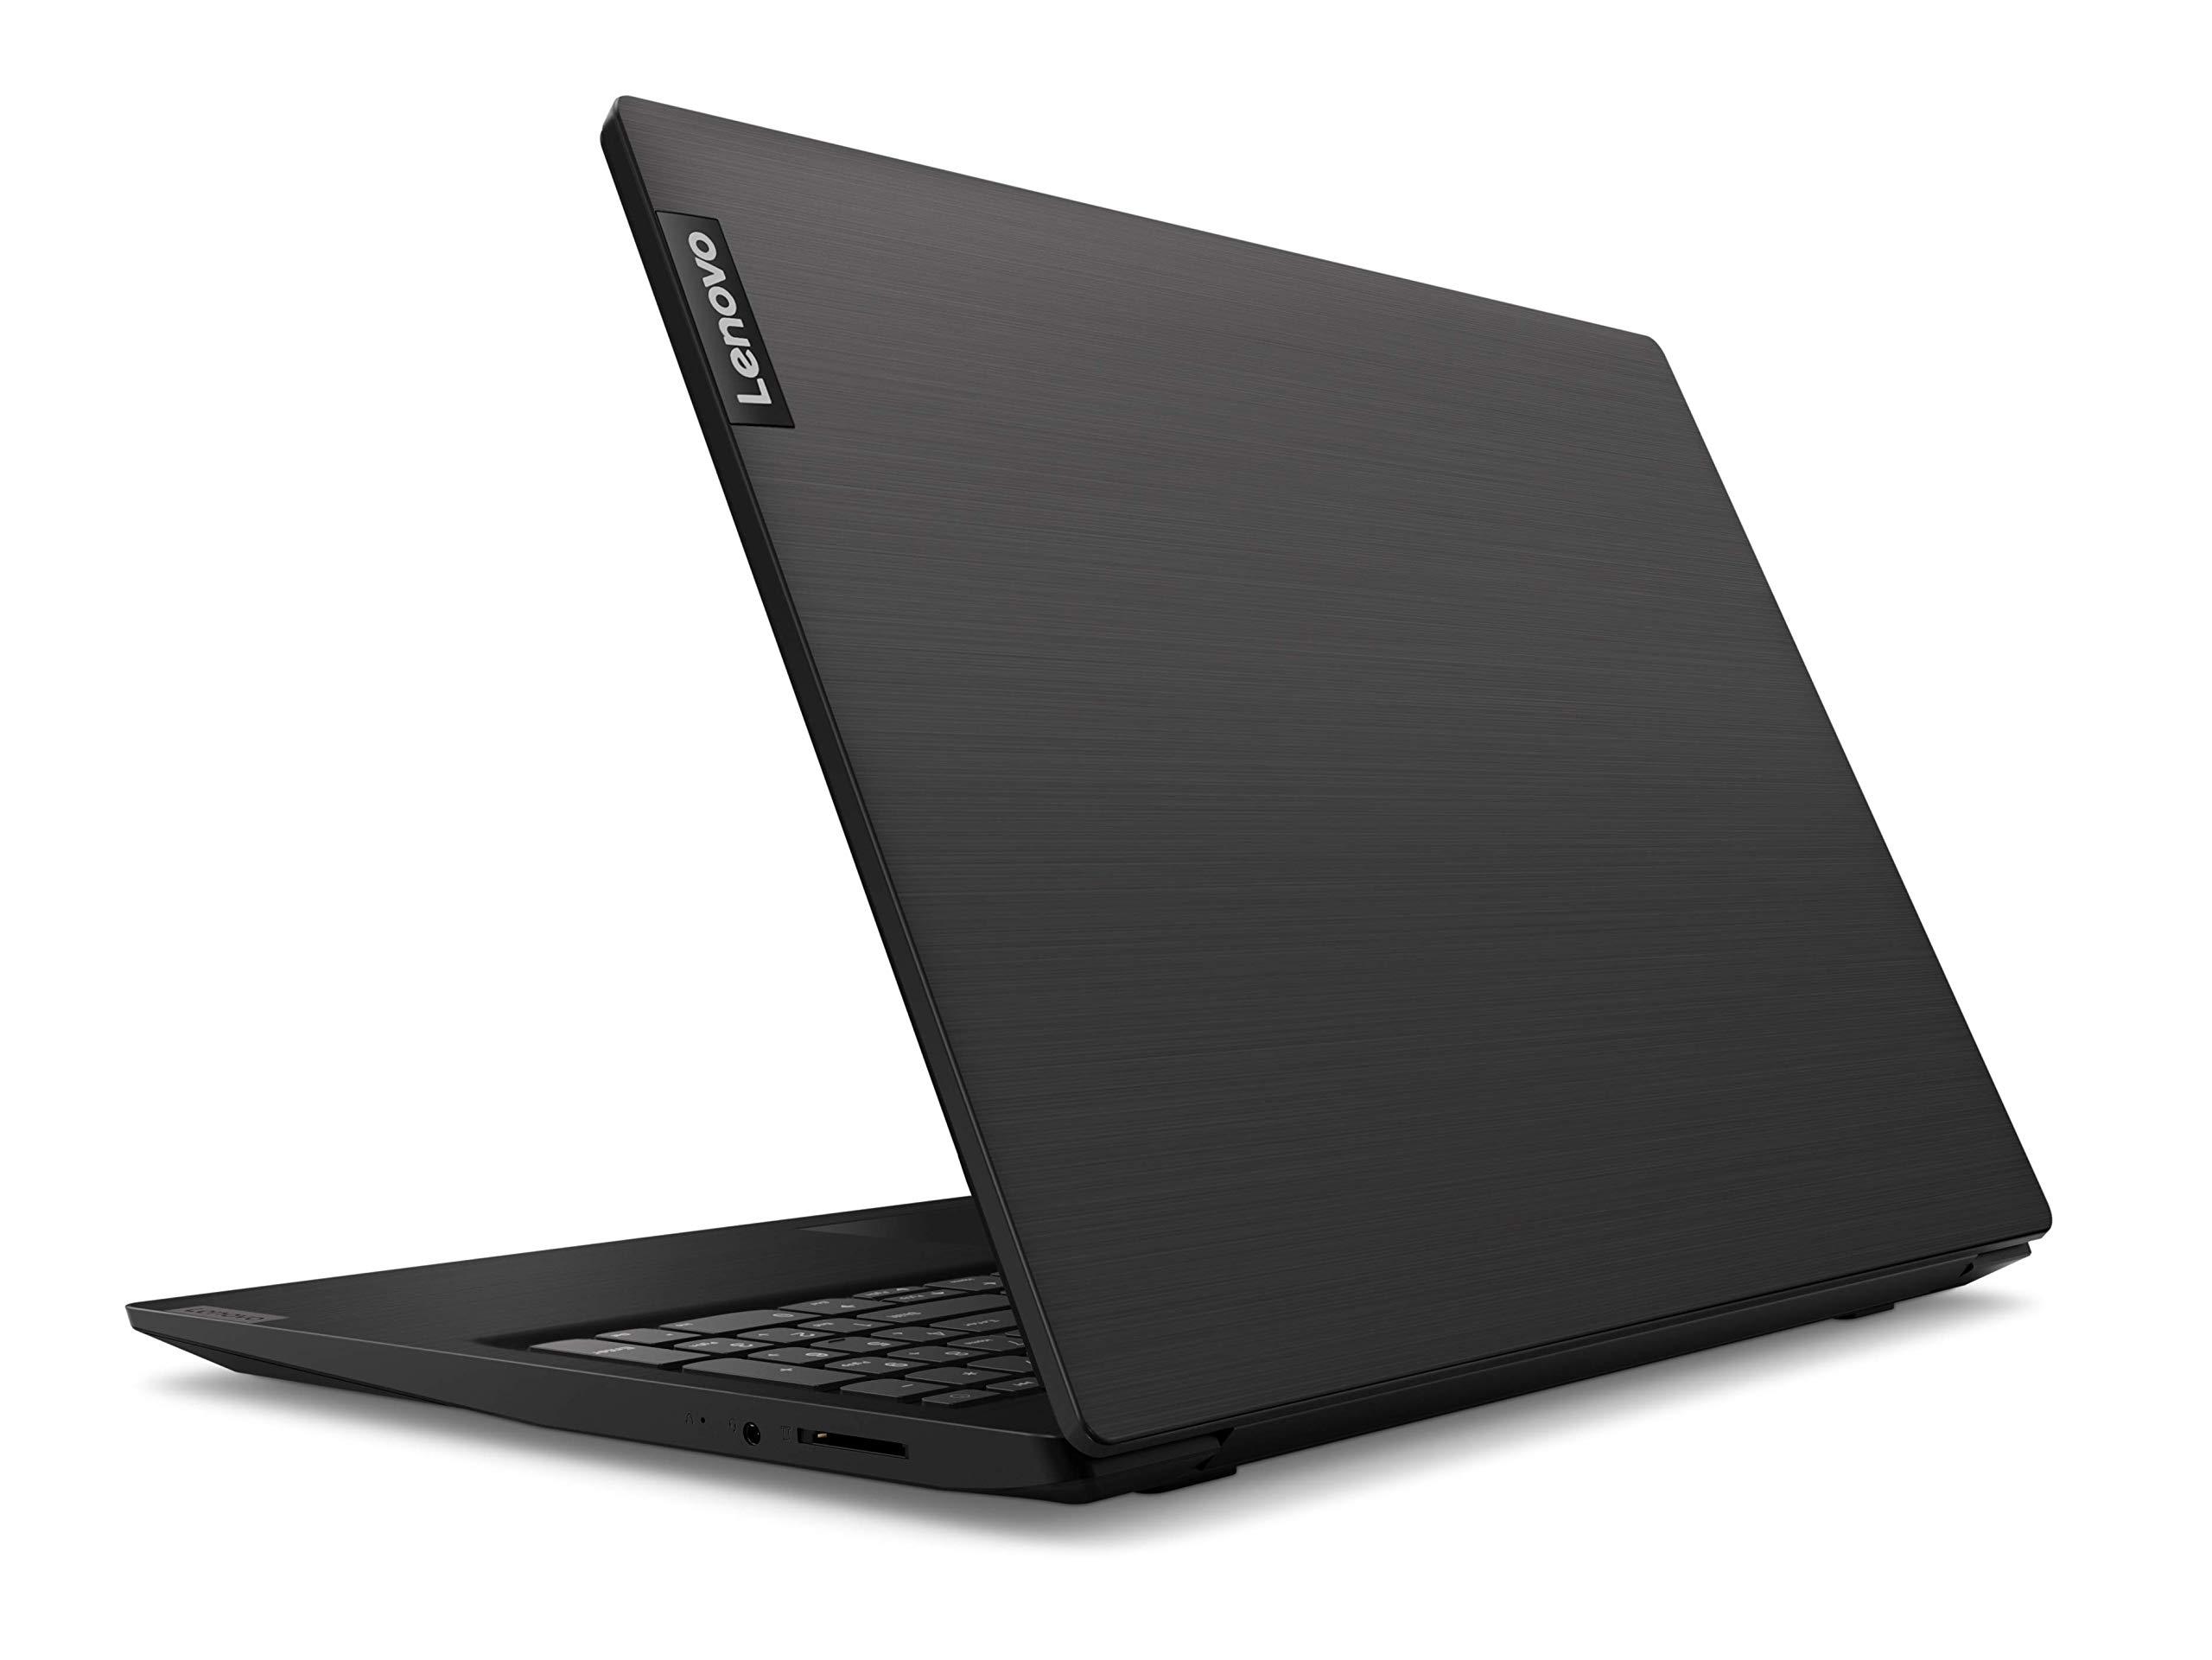 Lenovo Ideapad S145 8th Gen Intel Core I5 15 6 inch FHD Thin and